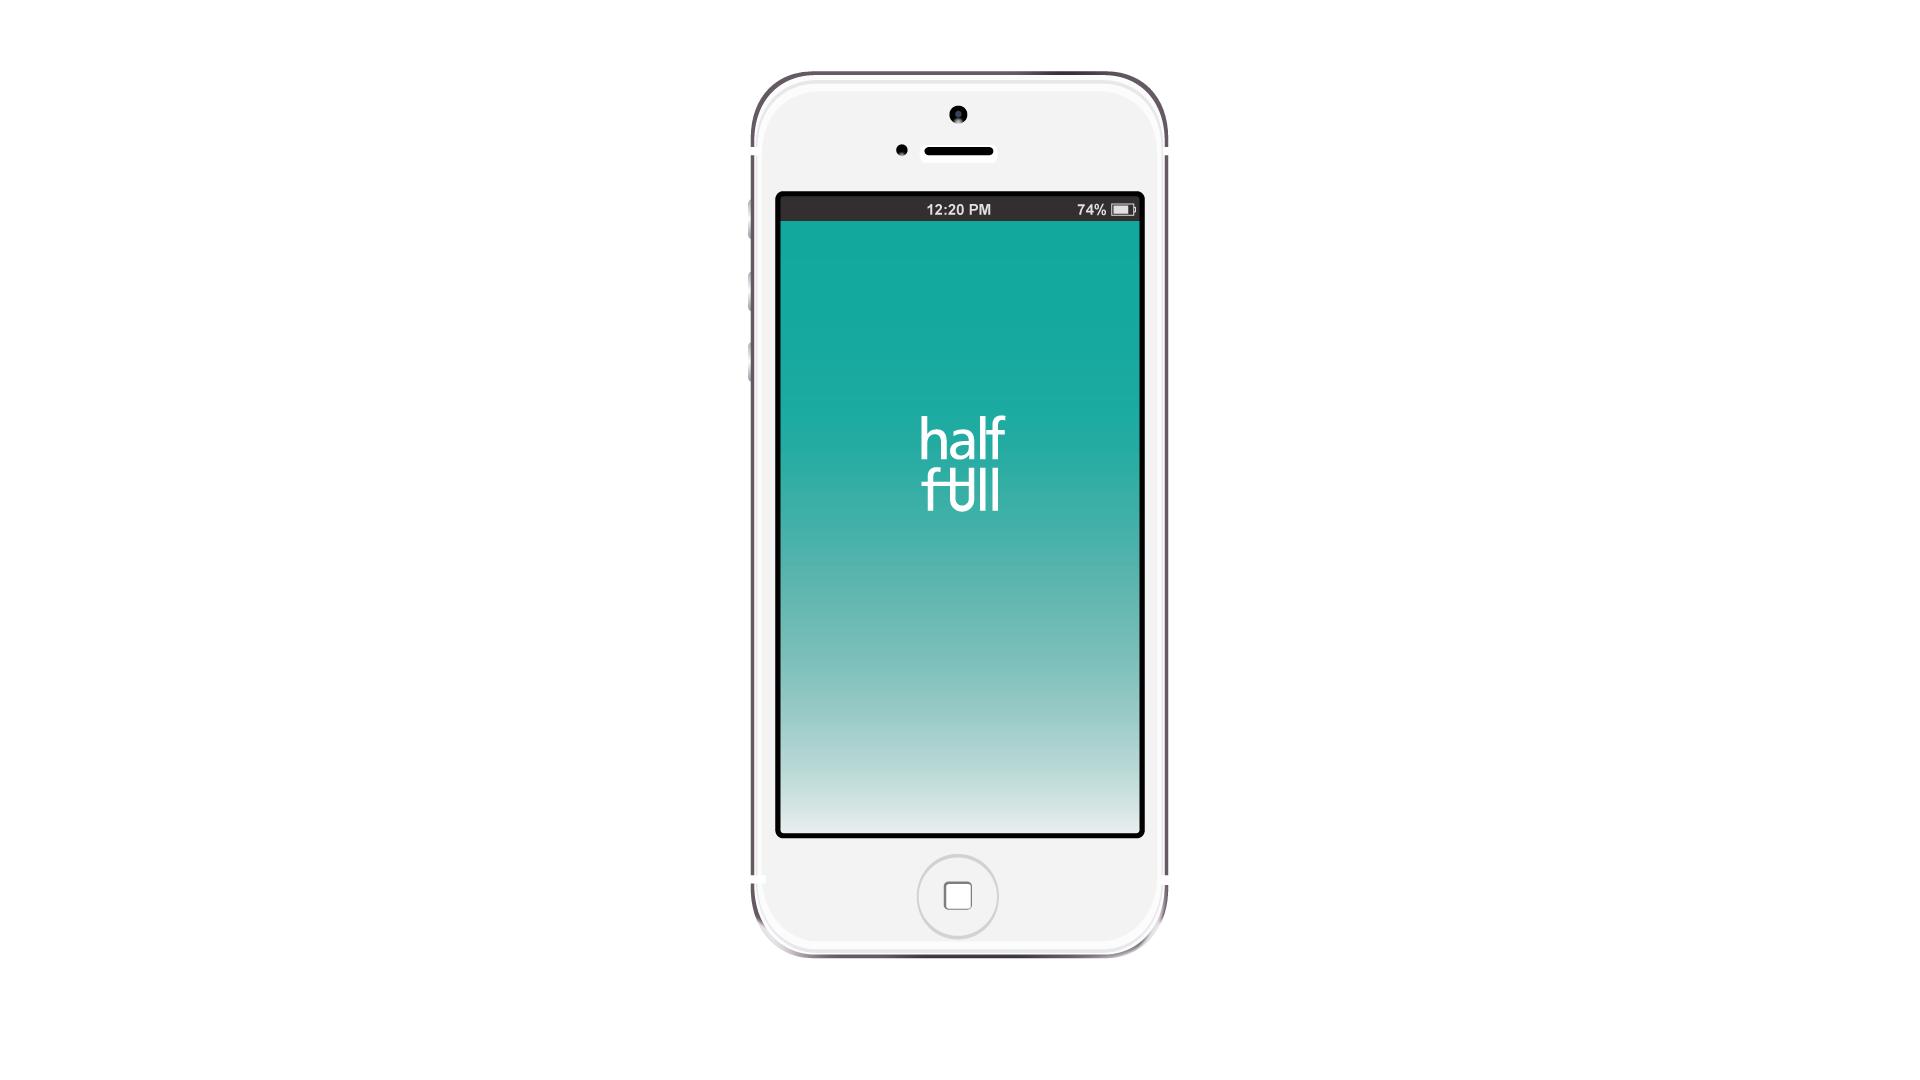 half_full_01.png